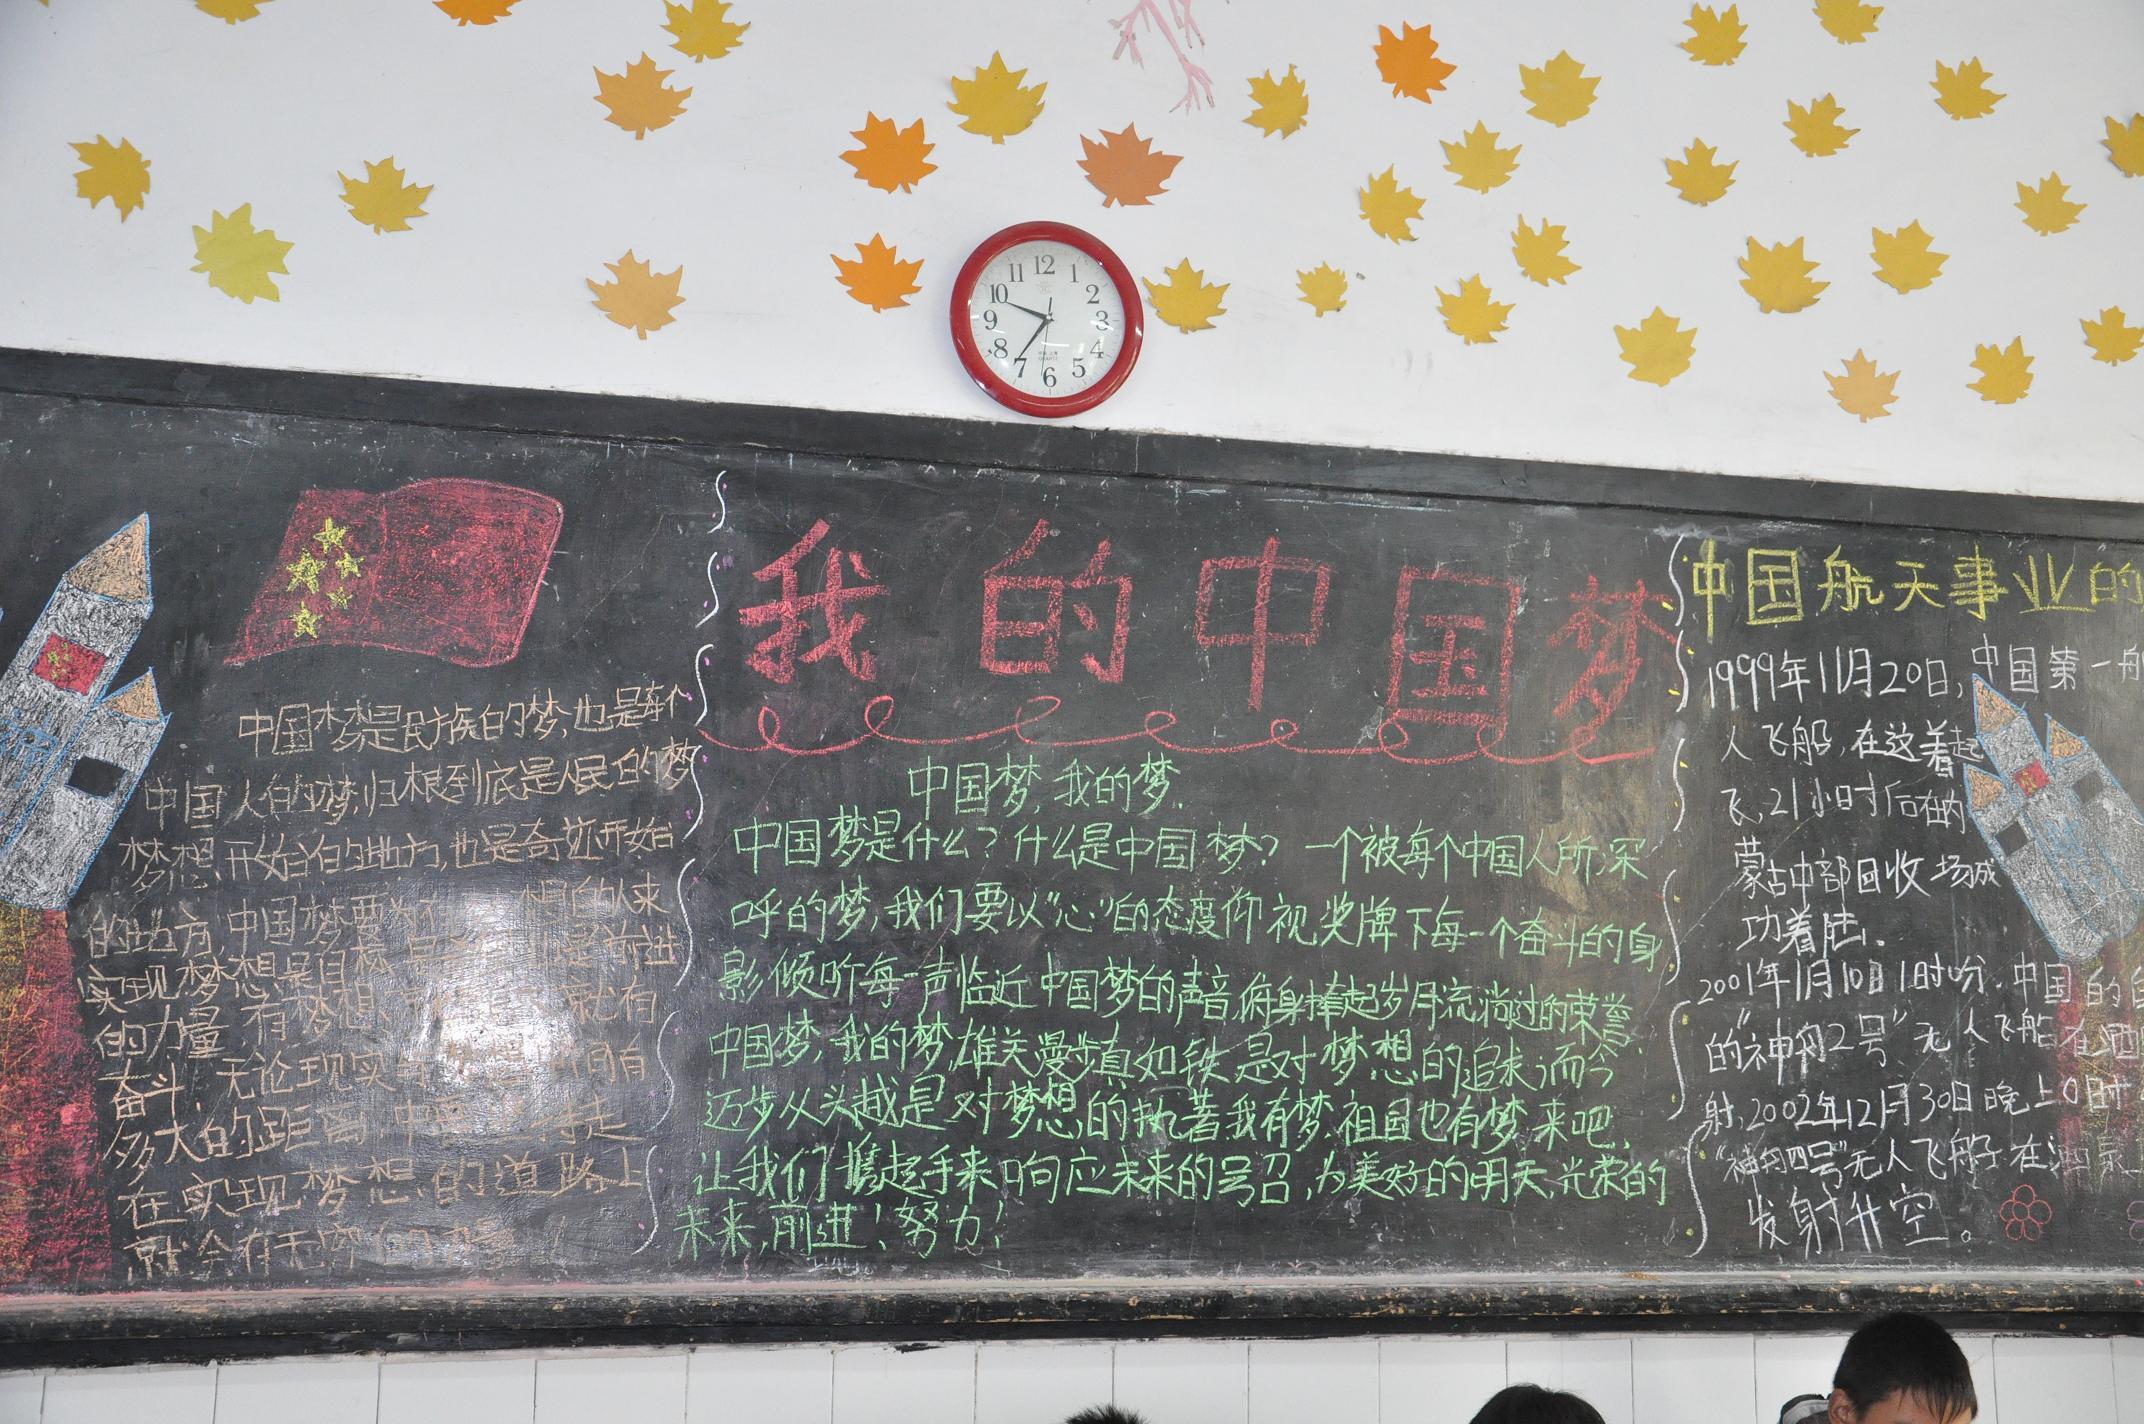 我的中國夢黑板報 - 紅領巾相約中國夢動態上傳